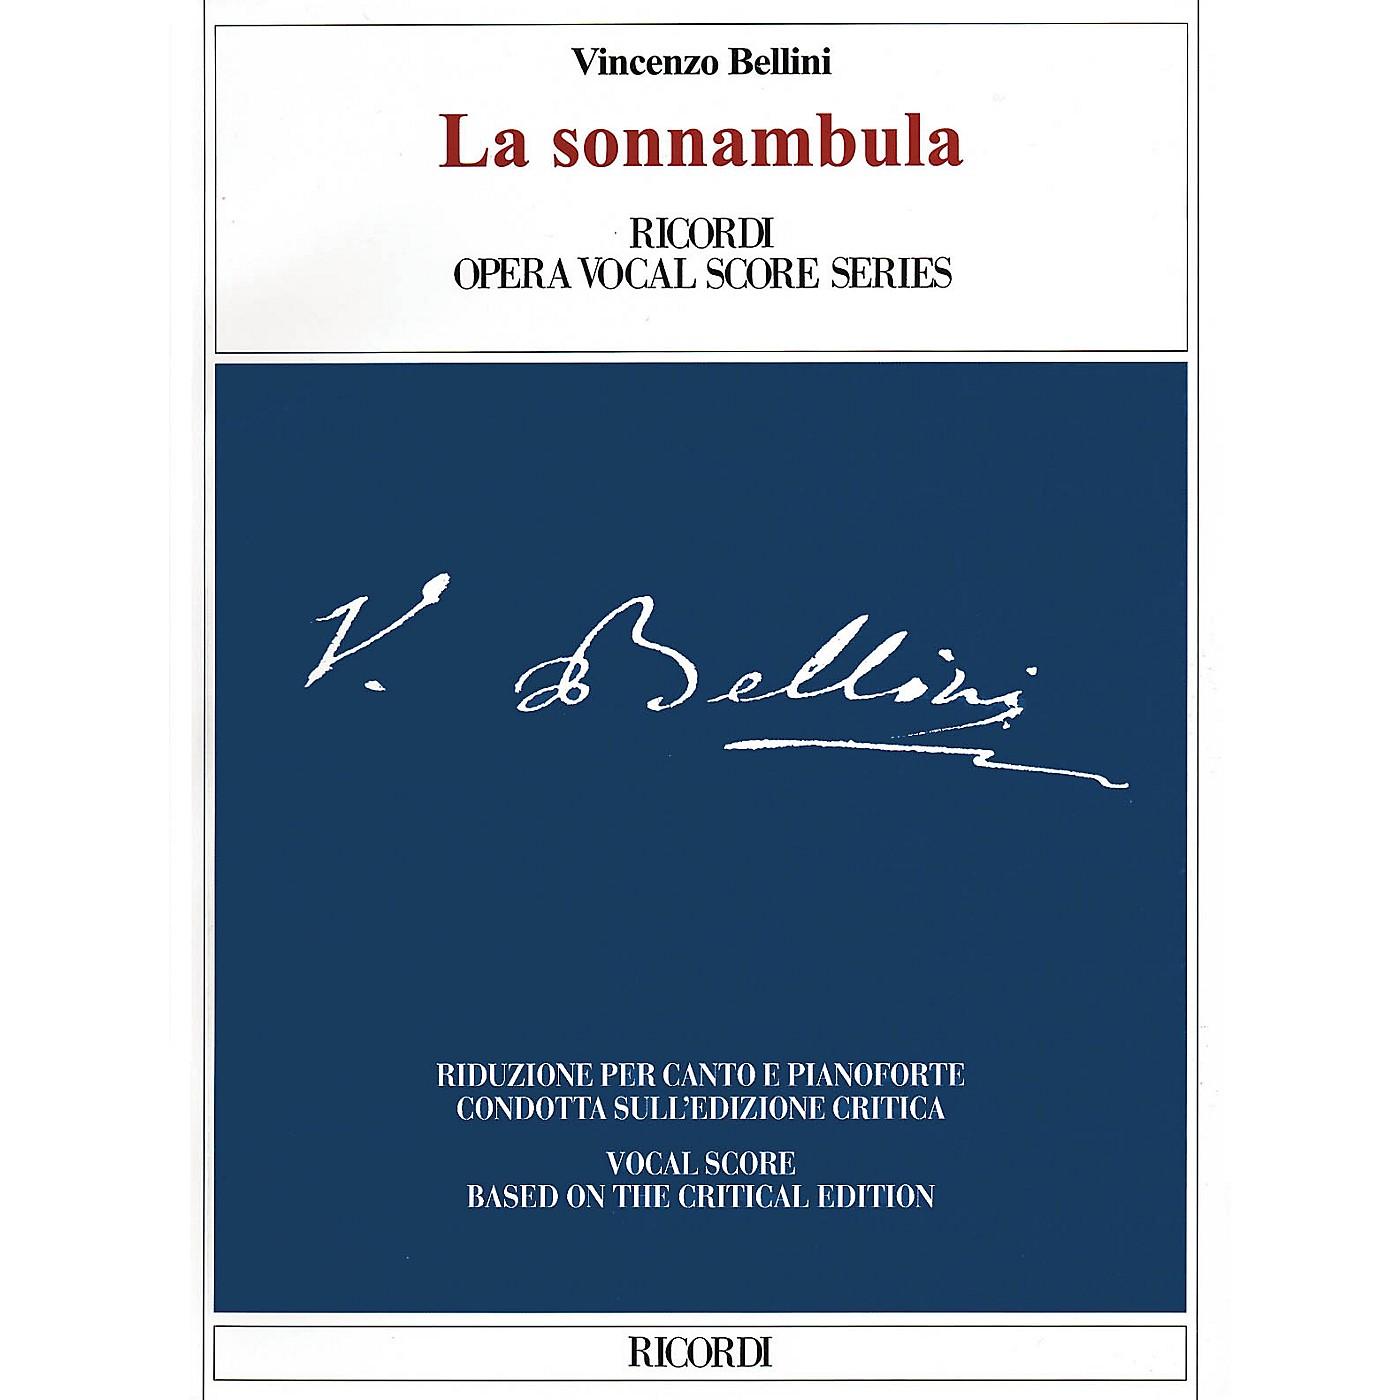 Ricordi La sonnambula (Critical Edition Vocal Score) Opera Series Softcover  by Vincenzo Bellini thumbnail